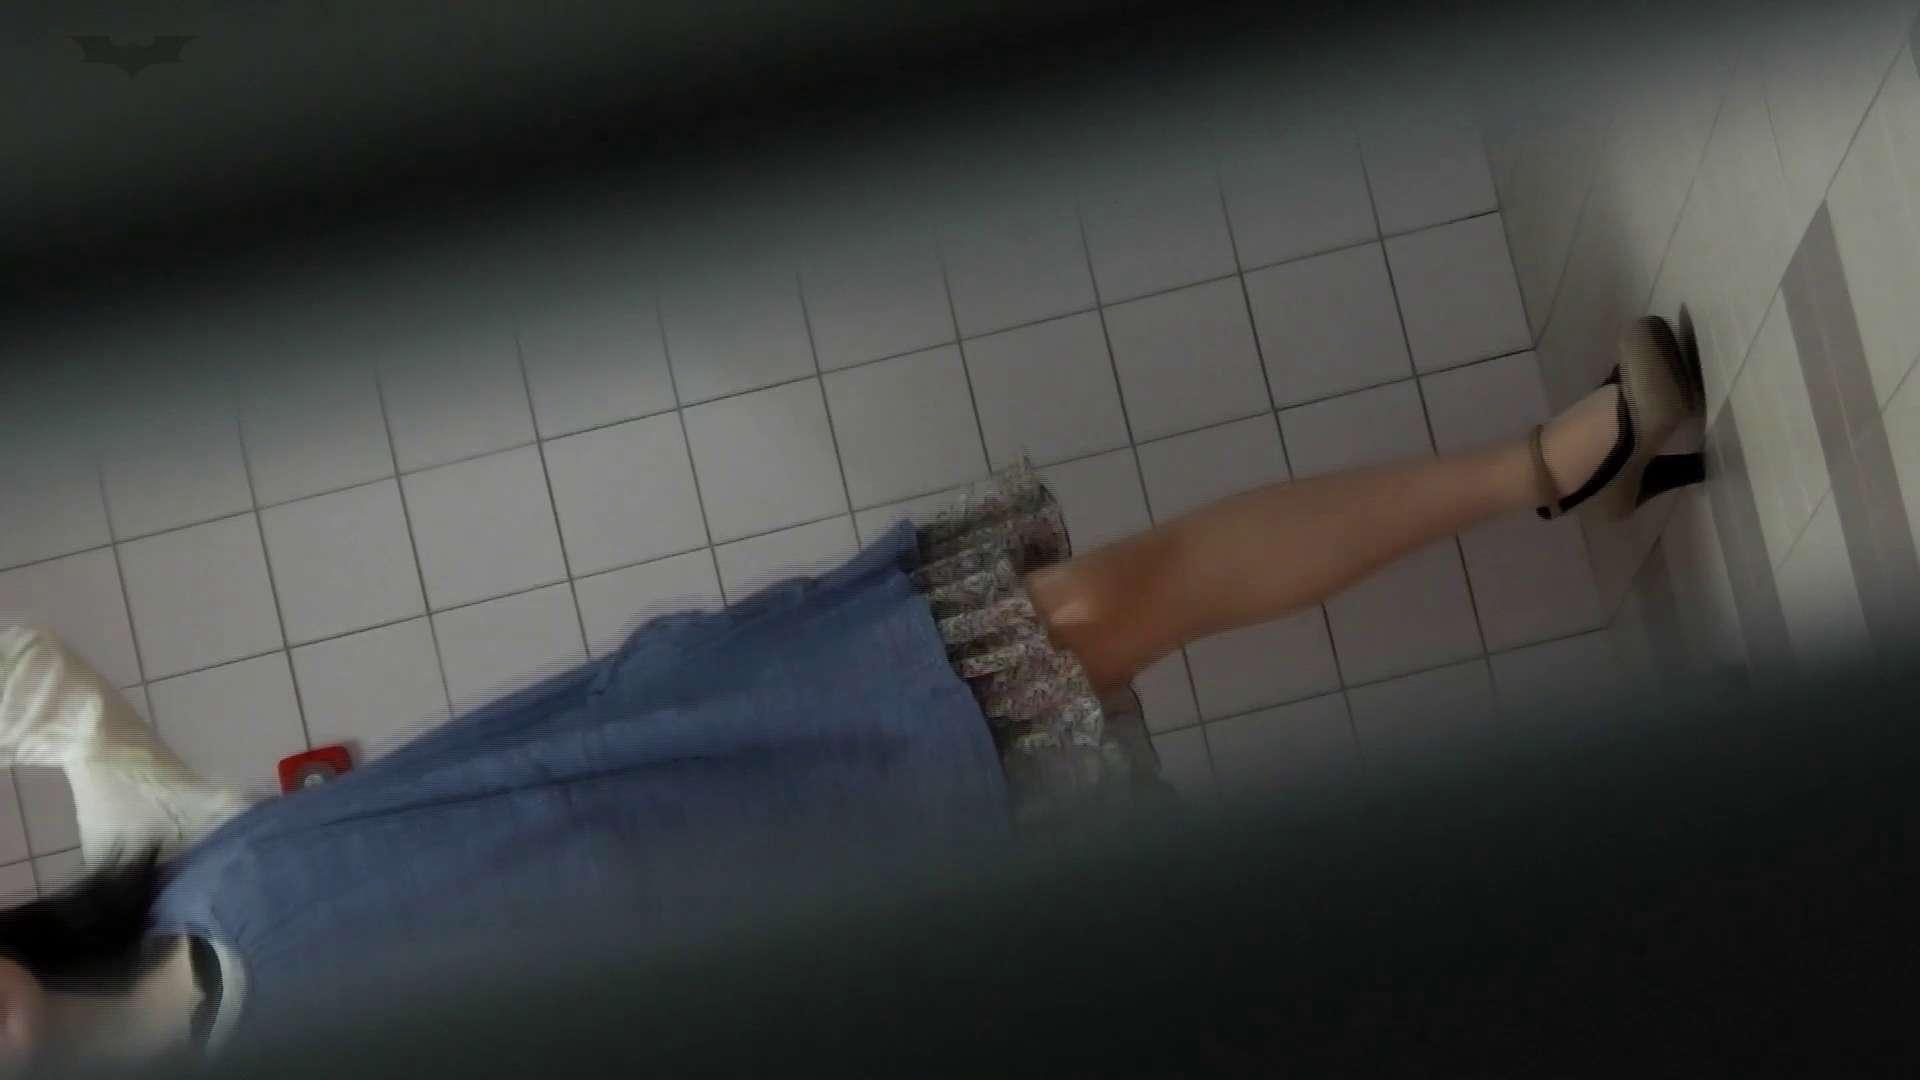 美しい日本の未来 No.29 豹柄サンダルは便秘気味??? 丸出しマンコ 盗撮動画紹介 81連発 3